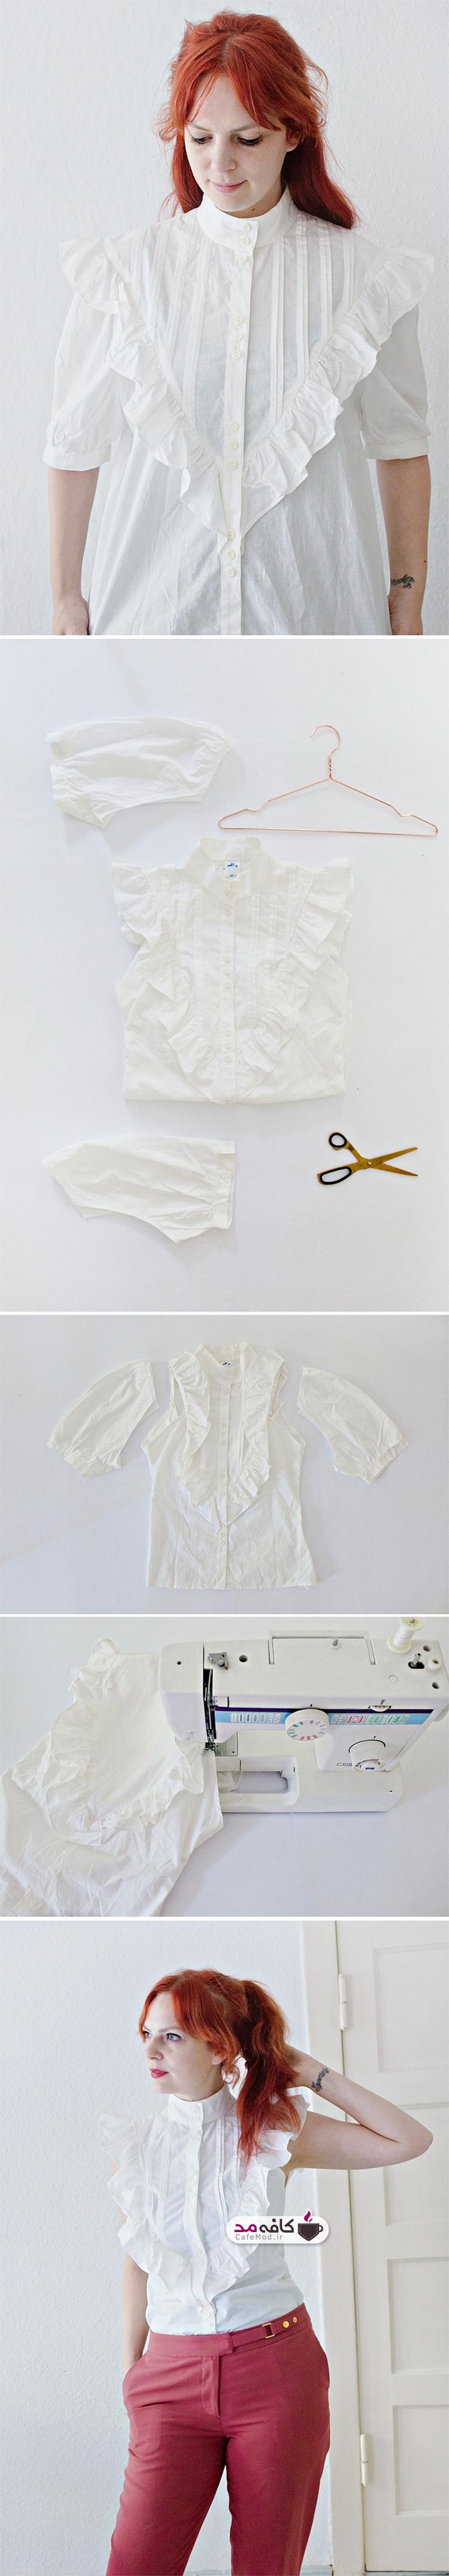 آموزش تصویری تغییر پیراهن به تاپ